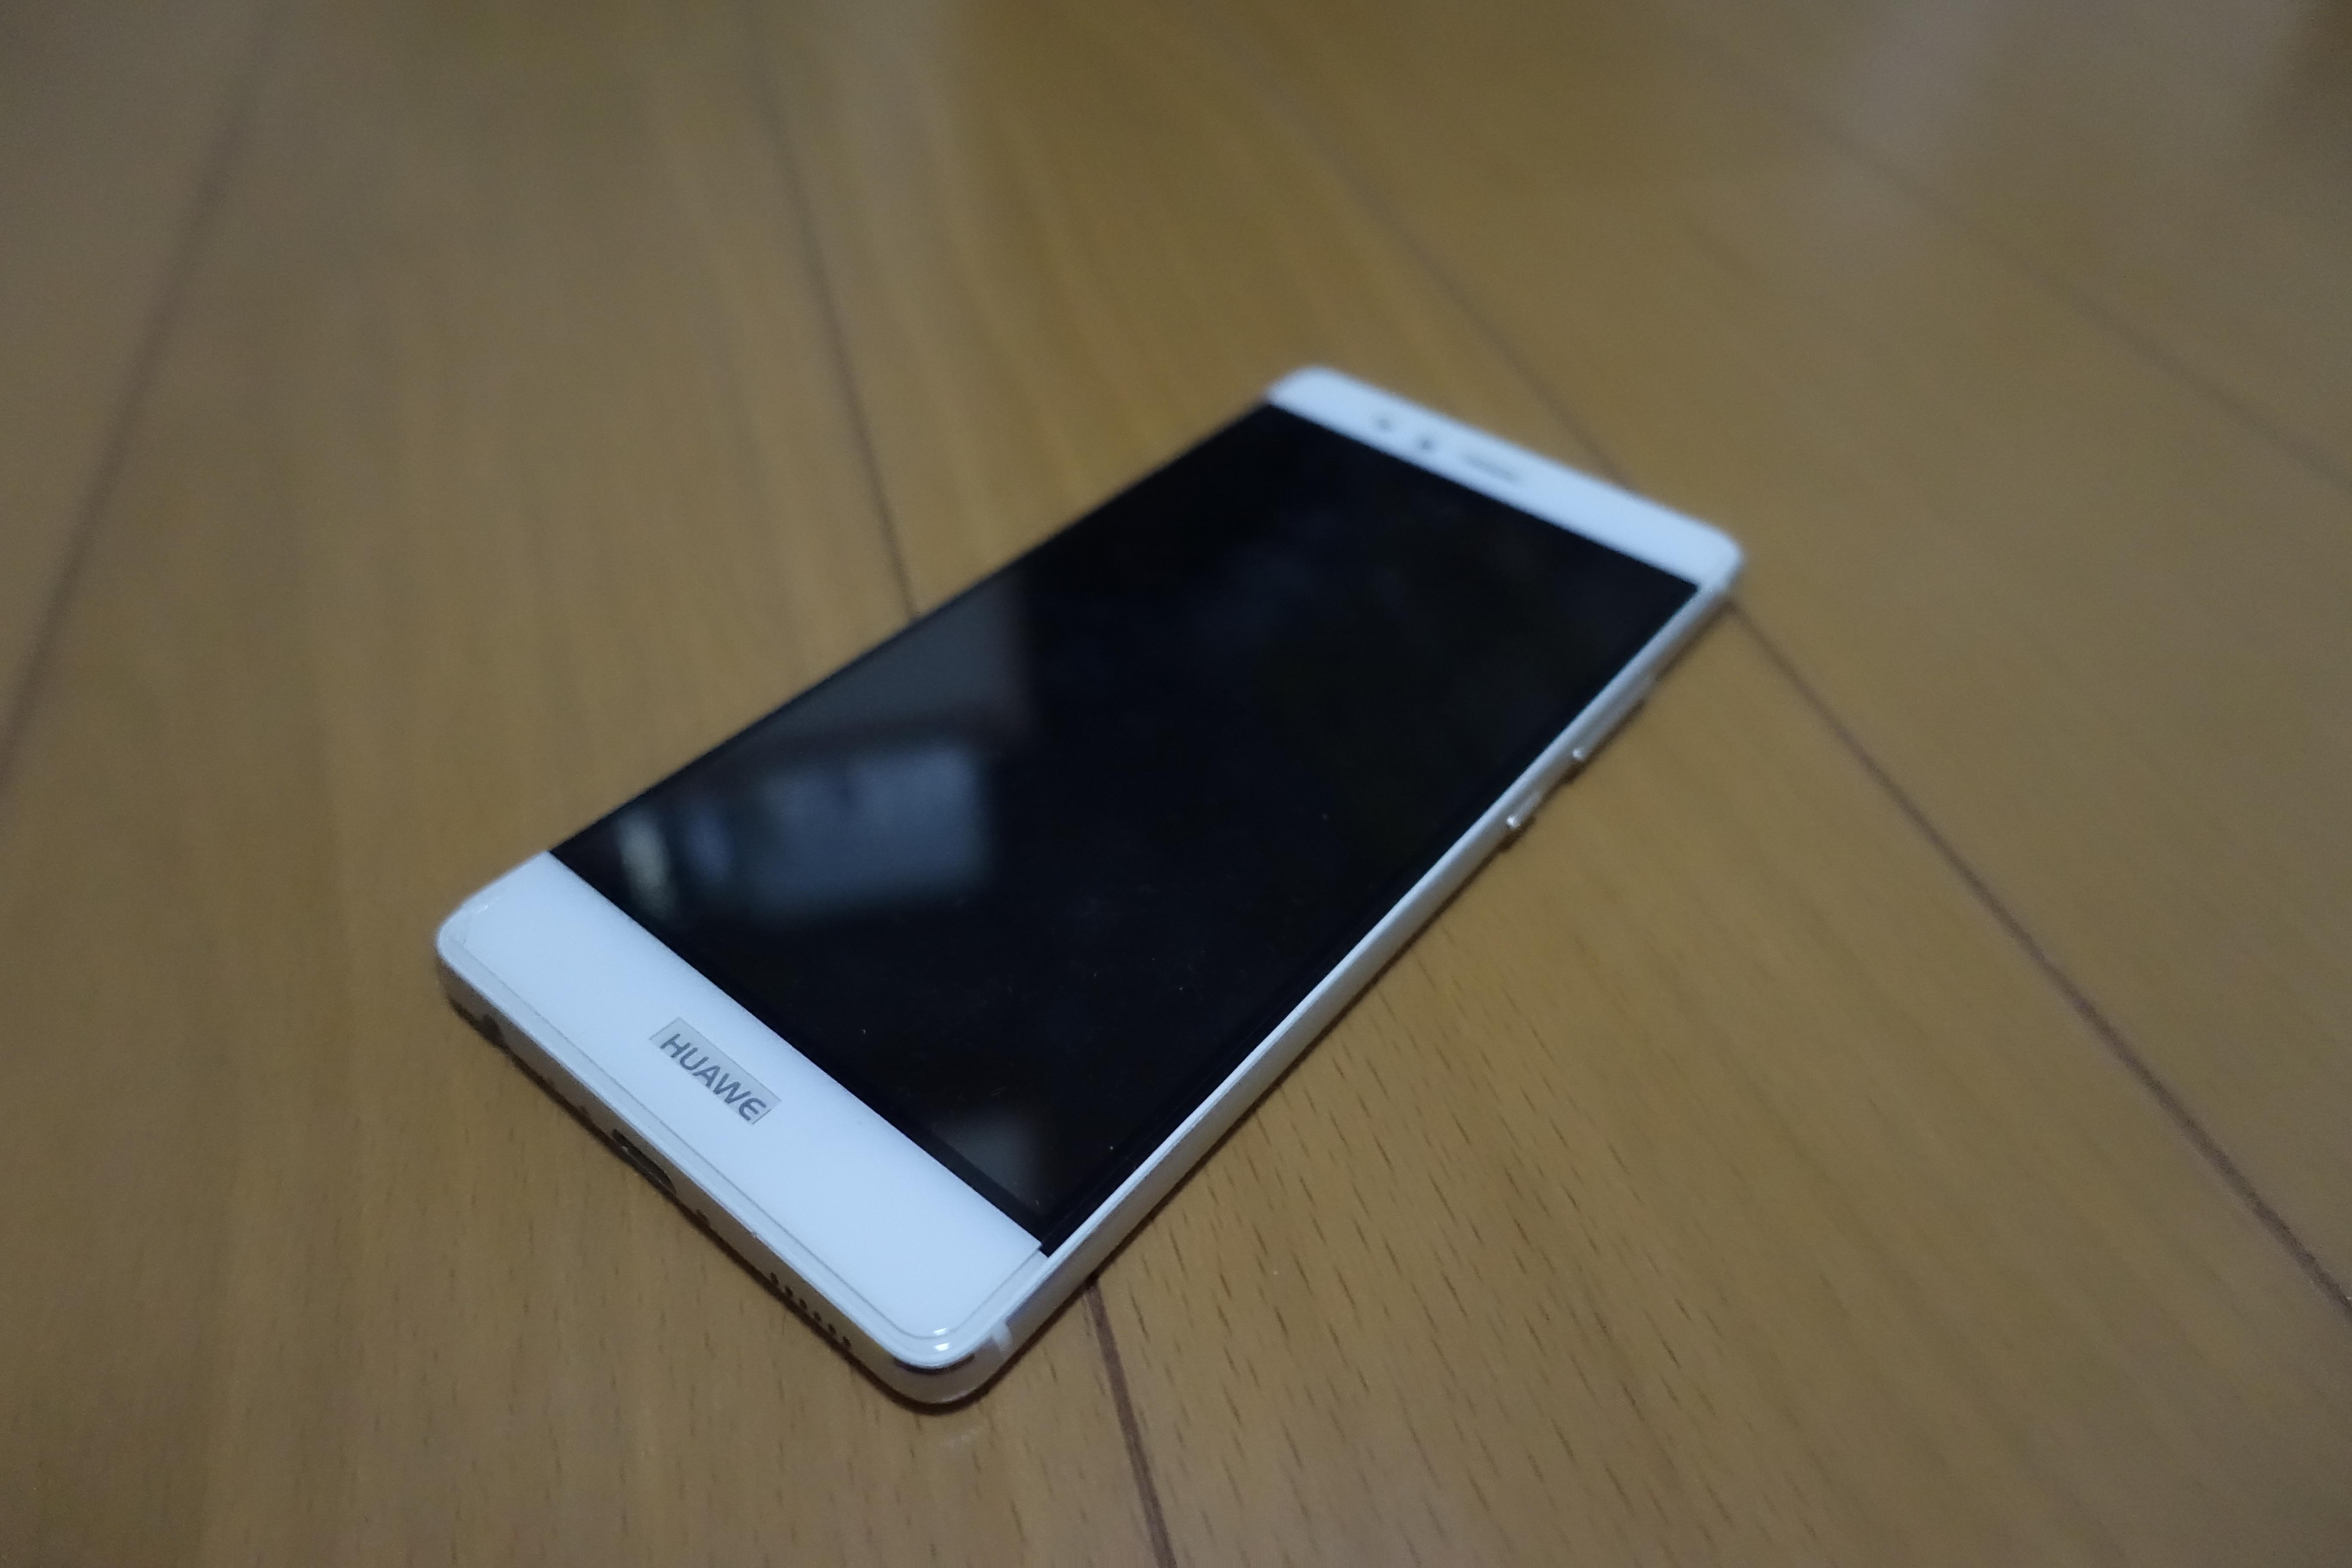 【レビュー】Huawei P9のファーストインプレッション、「あっ、これは良い。」